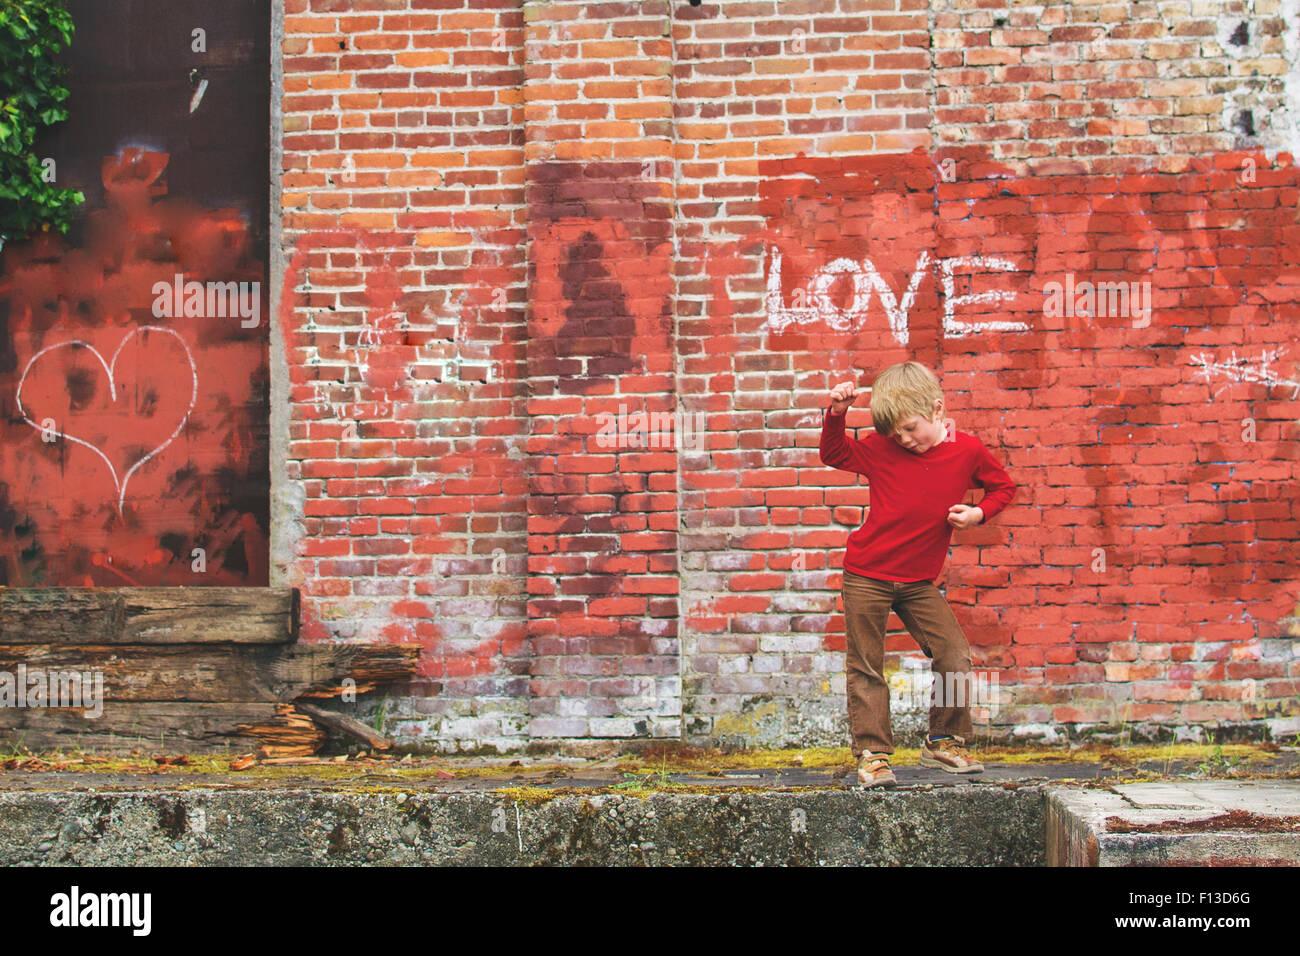 Boy posando delante de una pared con graffiti Imagen De Stock